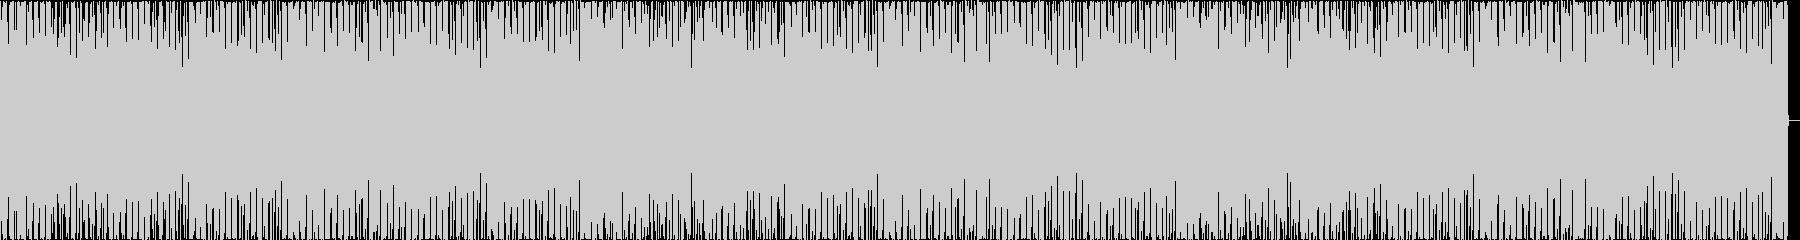 機械的で無機質なハウスダンスミュージックの未再生の波形